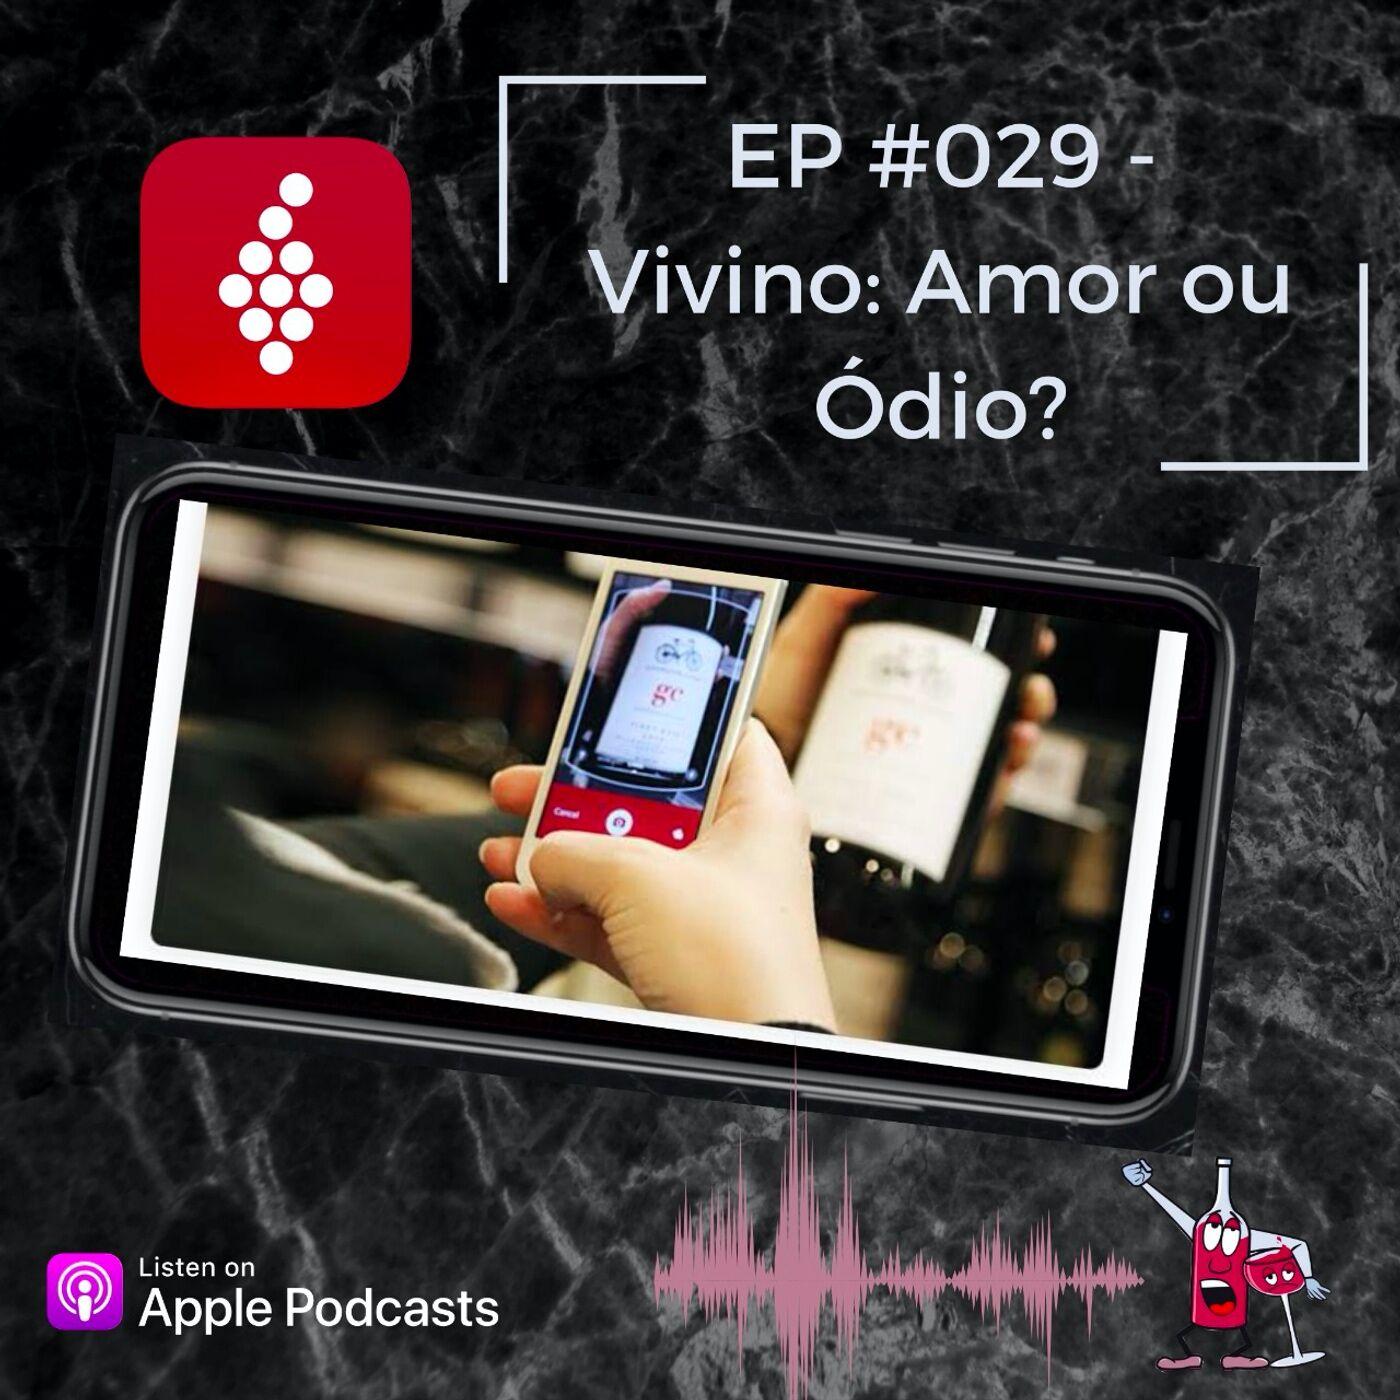 EP #029 - Vivino: Amor ou Ódio?